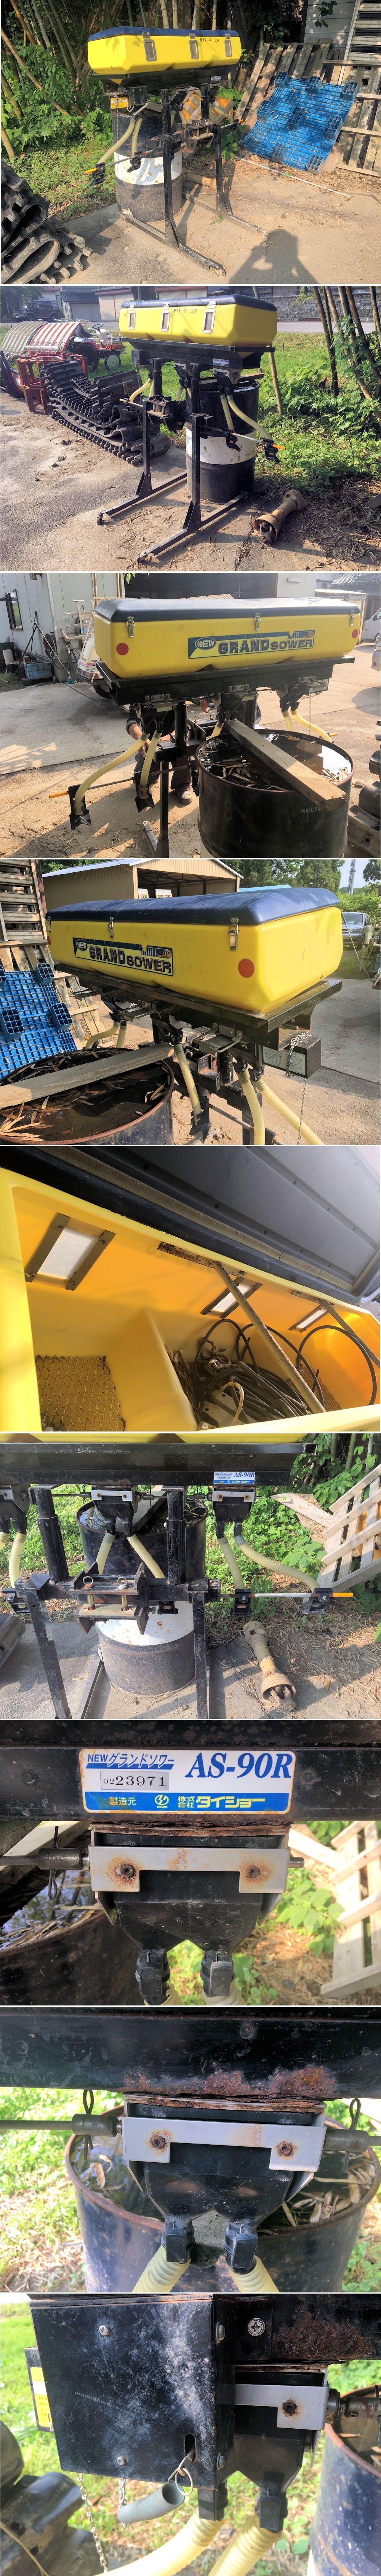 NEW ニューグランドソワー AS-90R タイショー 肥料散布機 実働品 中古